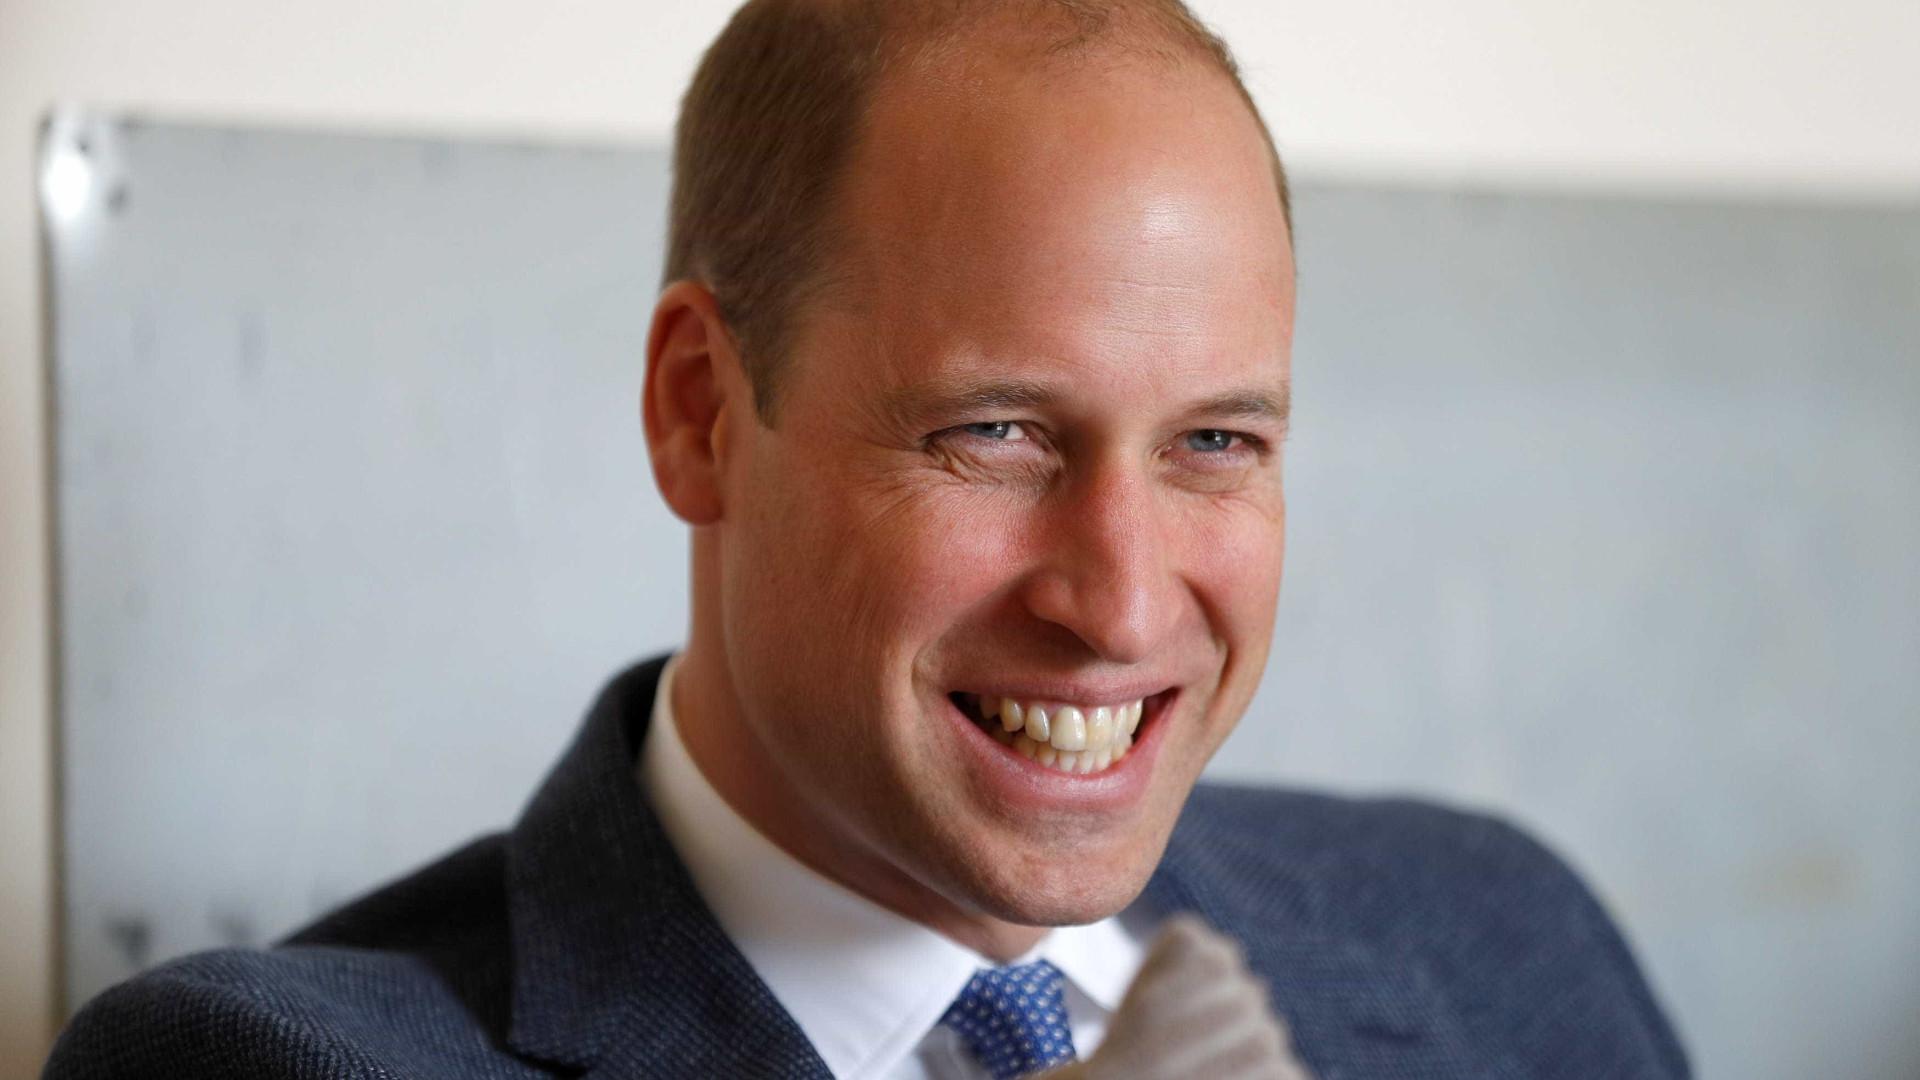 Príncipe William revela sentido de humor sobre a sua falta de cabelo